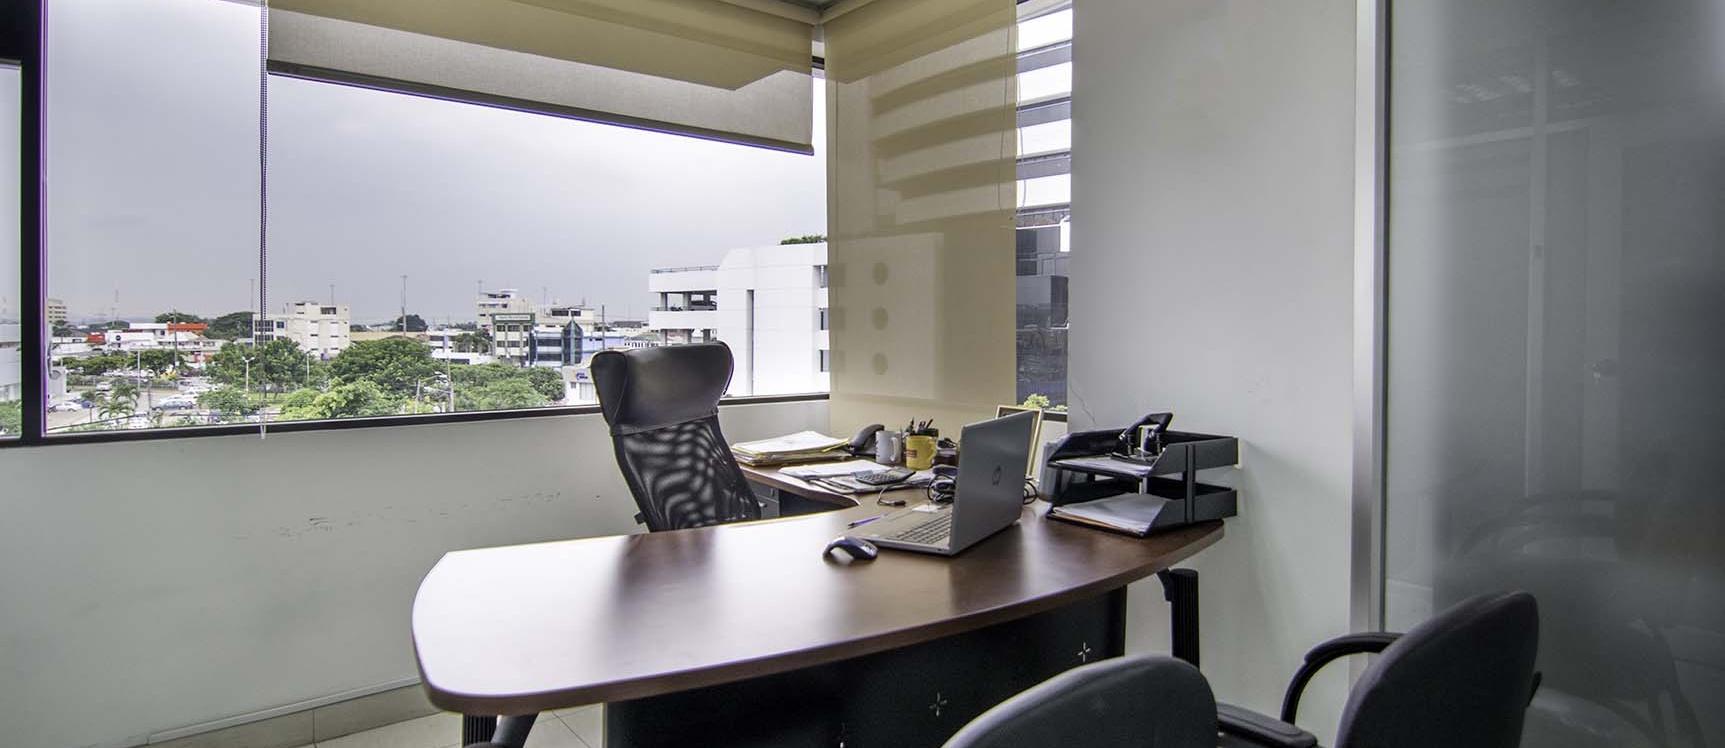 GeoBienes - Oficina en venta en el Edificio Atlantis, Norte de Guayaquil - Plusvalia Guayaquil Casas de venta y alquiler Inmobiliaria Ecuador